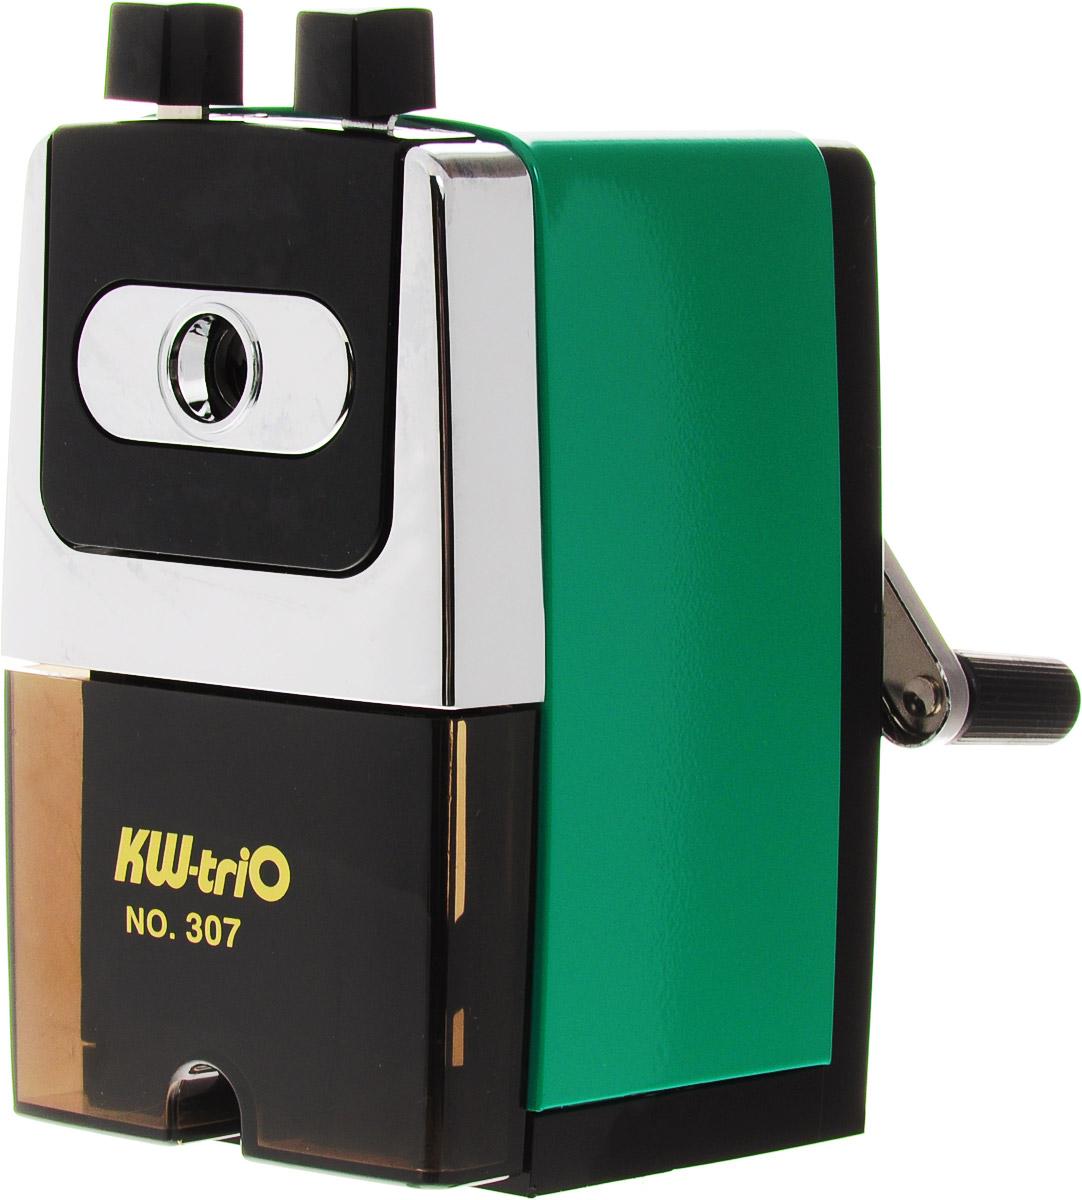 KW-trio Точилка 307A цвет зеленый точилка для карандашей kw trio 30h2 электрическая черный